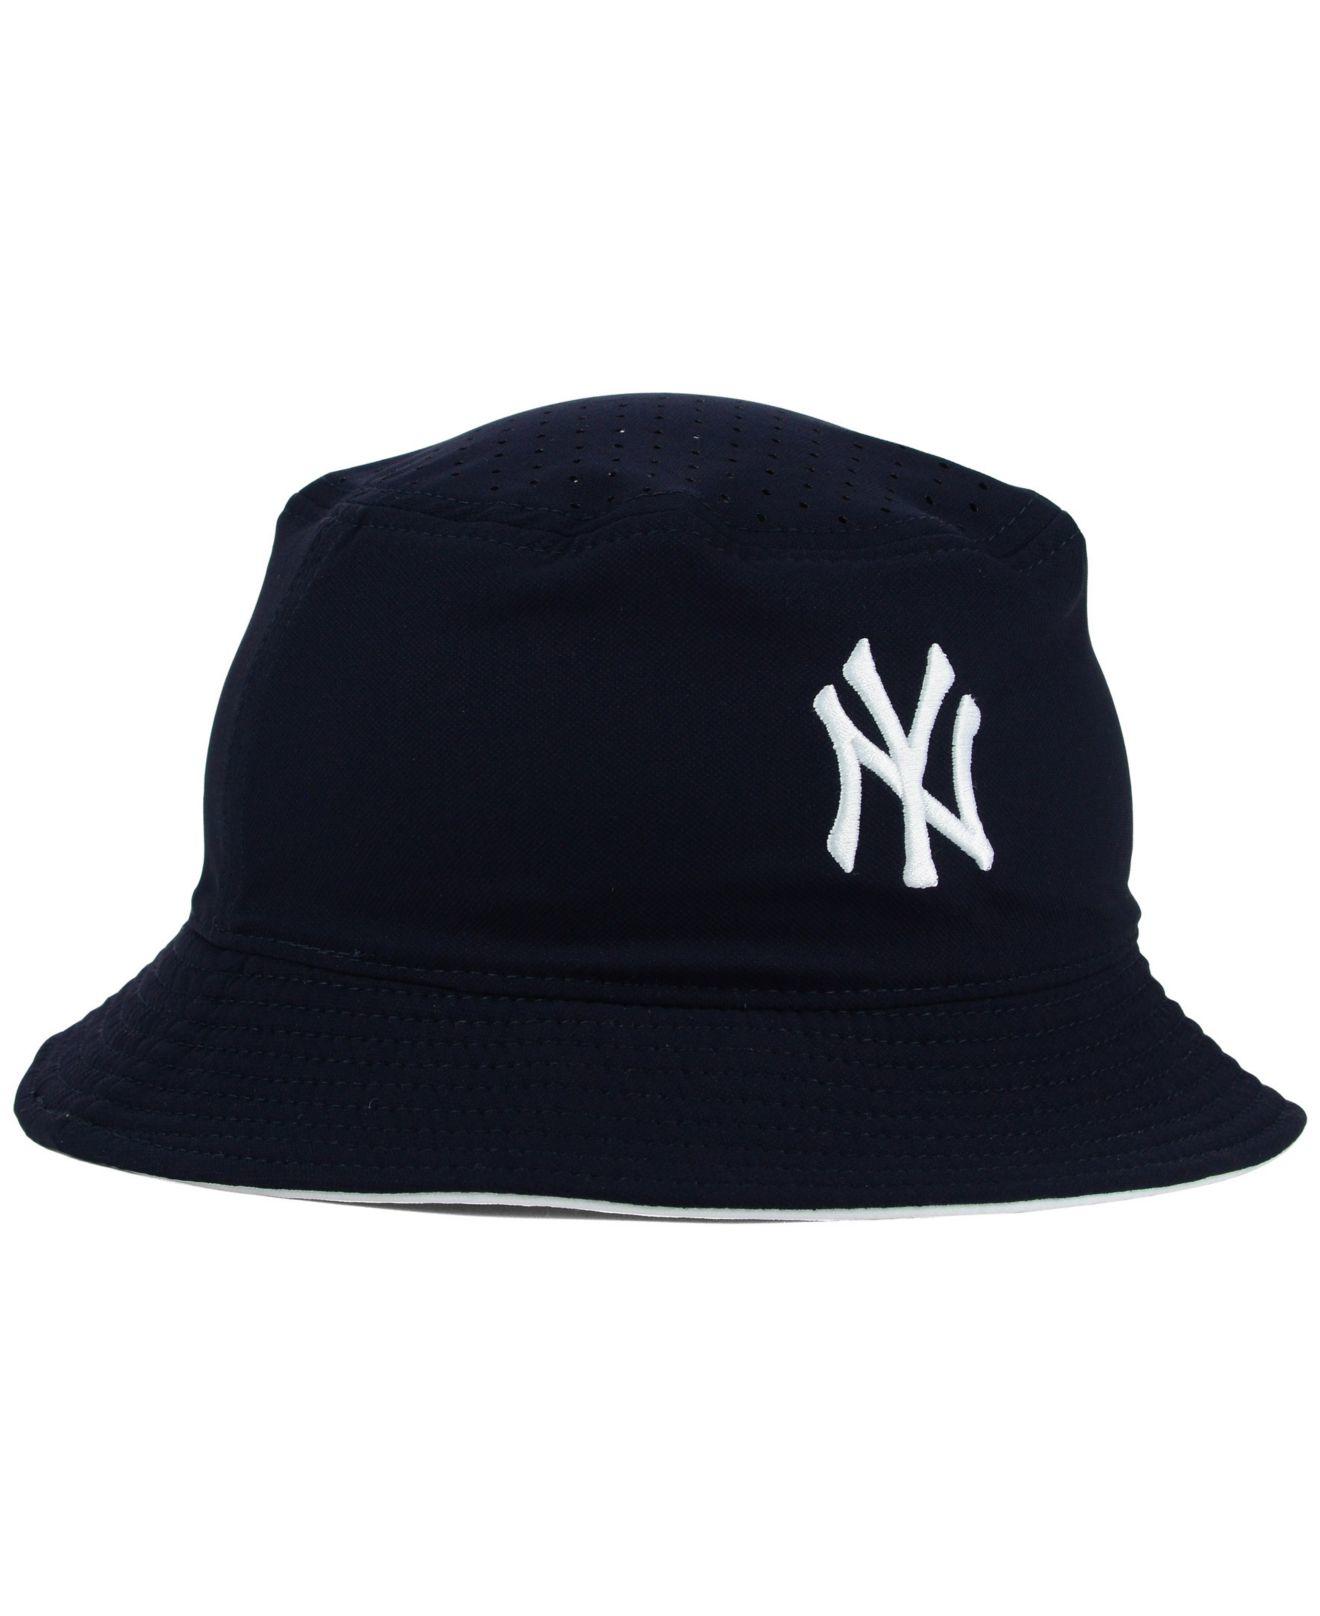 e4fce86e8da Lyst - Nike New York Yankees Vapor Dri-fit Bucket Hat in Blue for Men